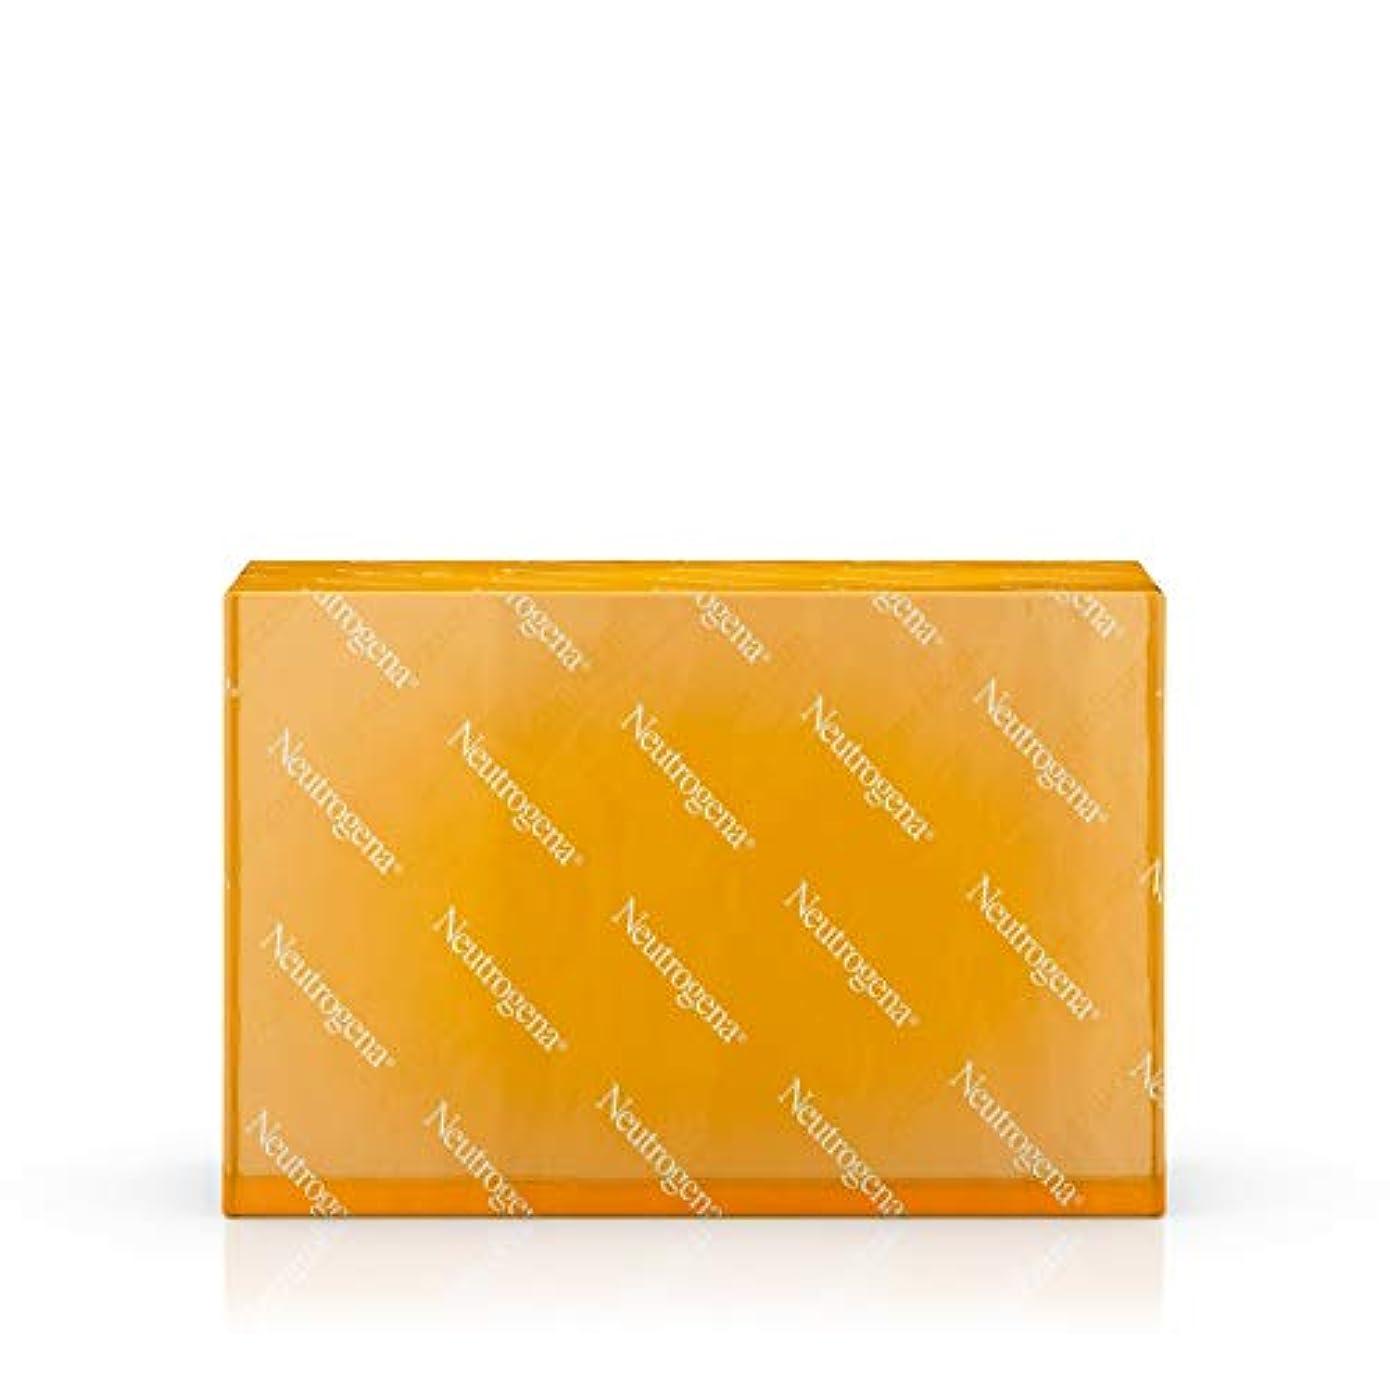 意気消沈した実質的カップルNeutrogena Original Formula Transparent Facial Bar 100 ml (並行輸入品)